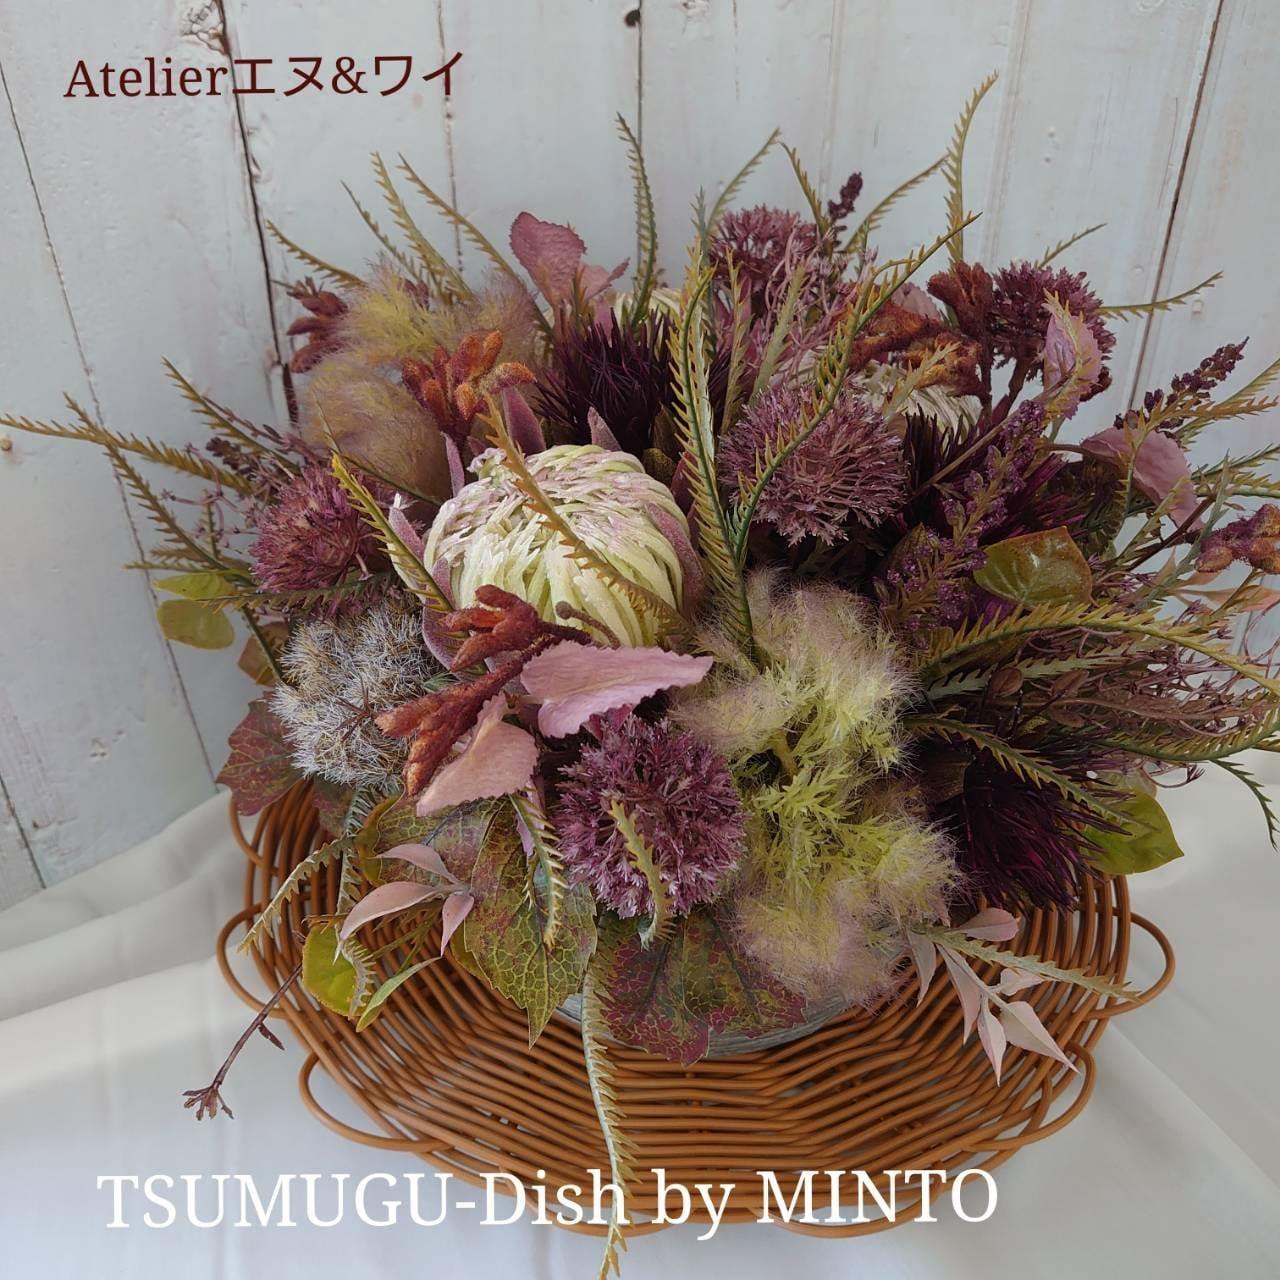 対面レッスン付き 編むアンダープレート【Tsumugu〜dish〜】 by MINTO オンライン要ご相談のイメージその5